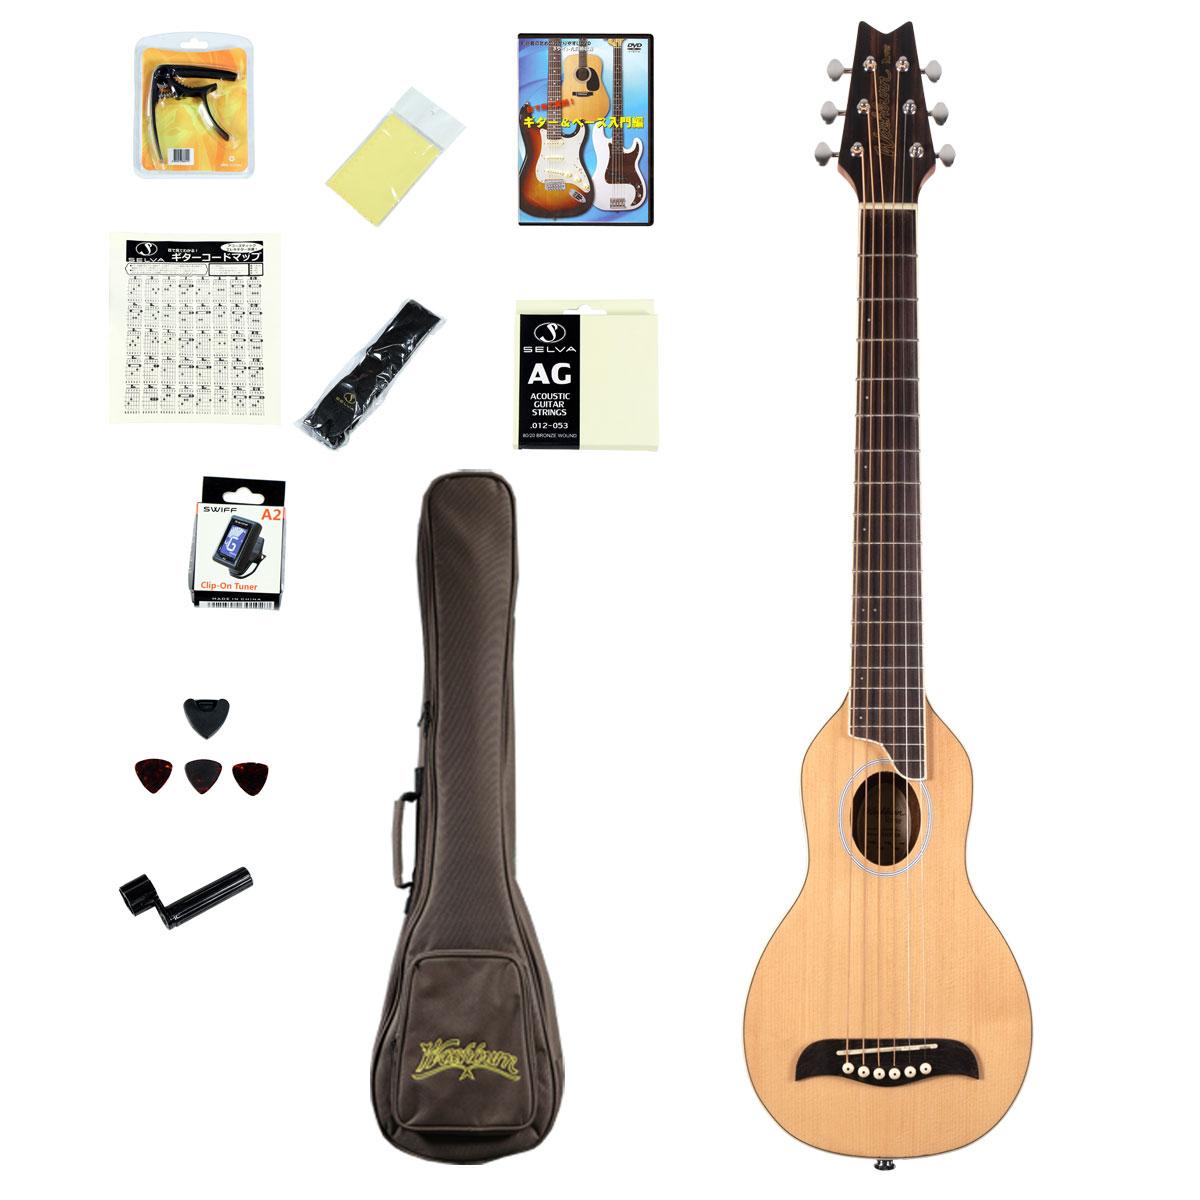 Washburn / RO10SK (ナチュラル) 【トラベルアコースティックギター13点入門セット!】 ワッシュバーン ミニ アコースティックギター アコギ RO-10